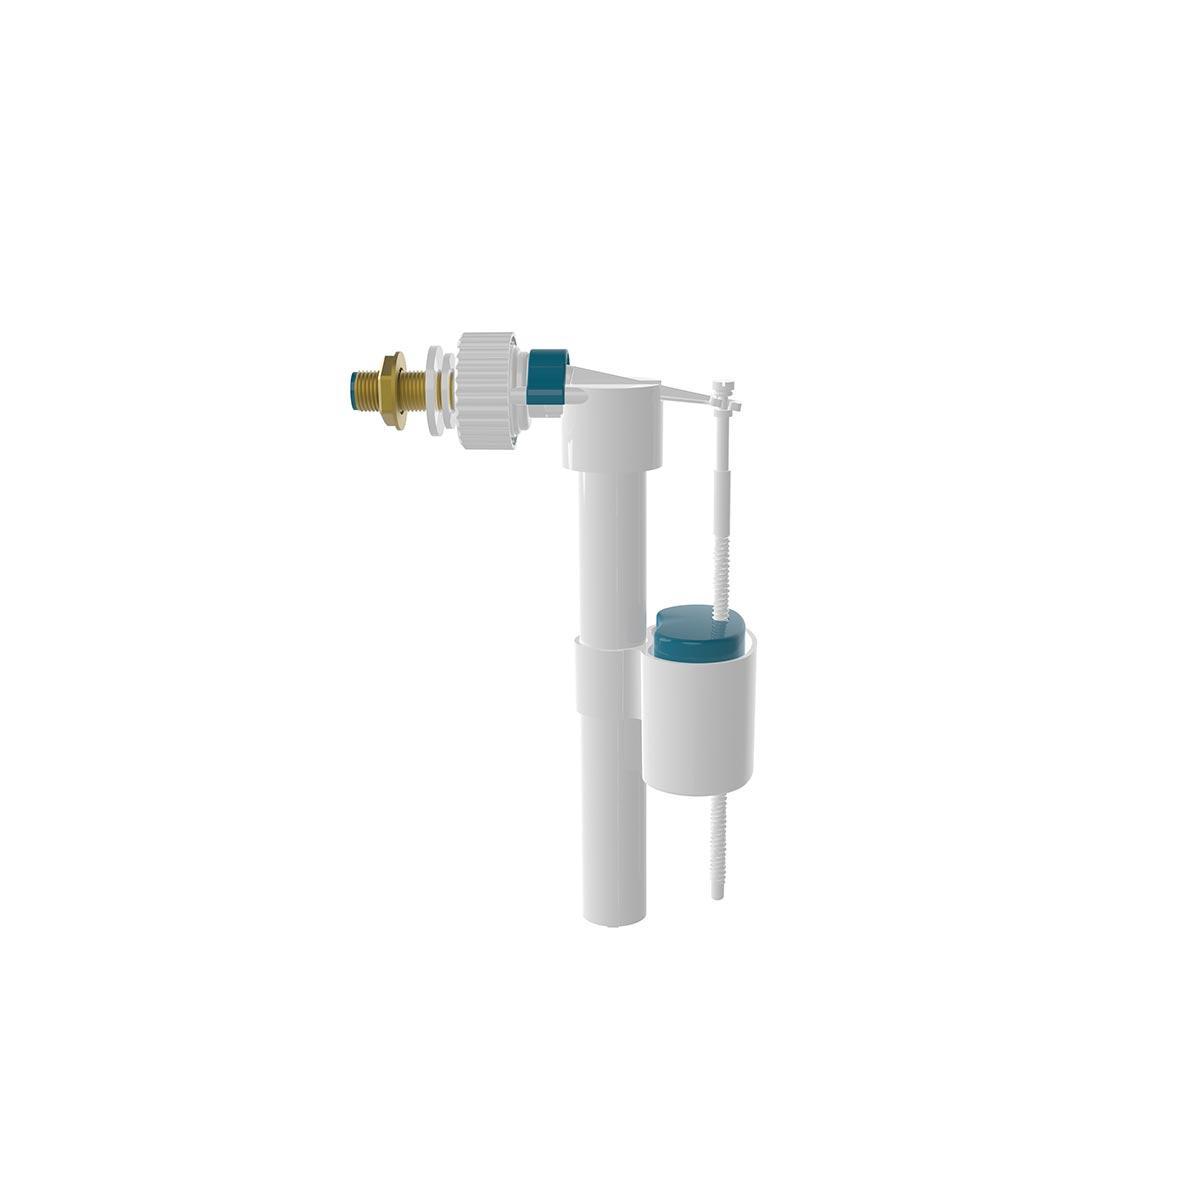 Клапан поплавковый боковой подачи воды 3/8, латунная резьба (NOVA 7024)